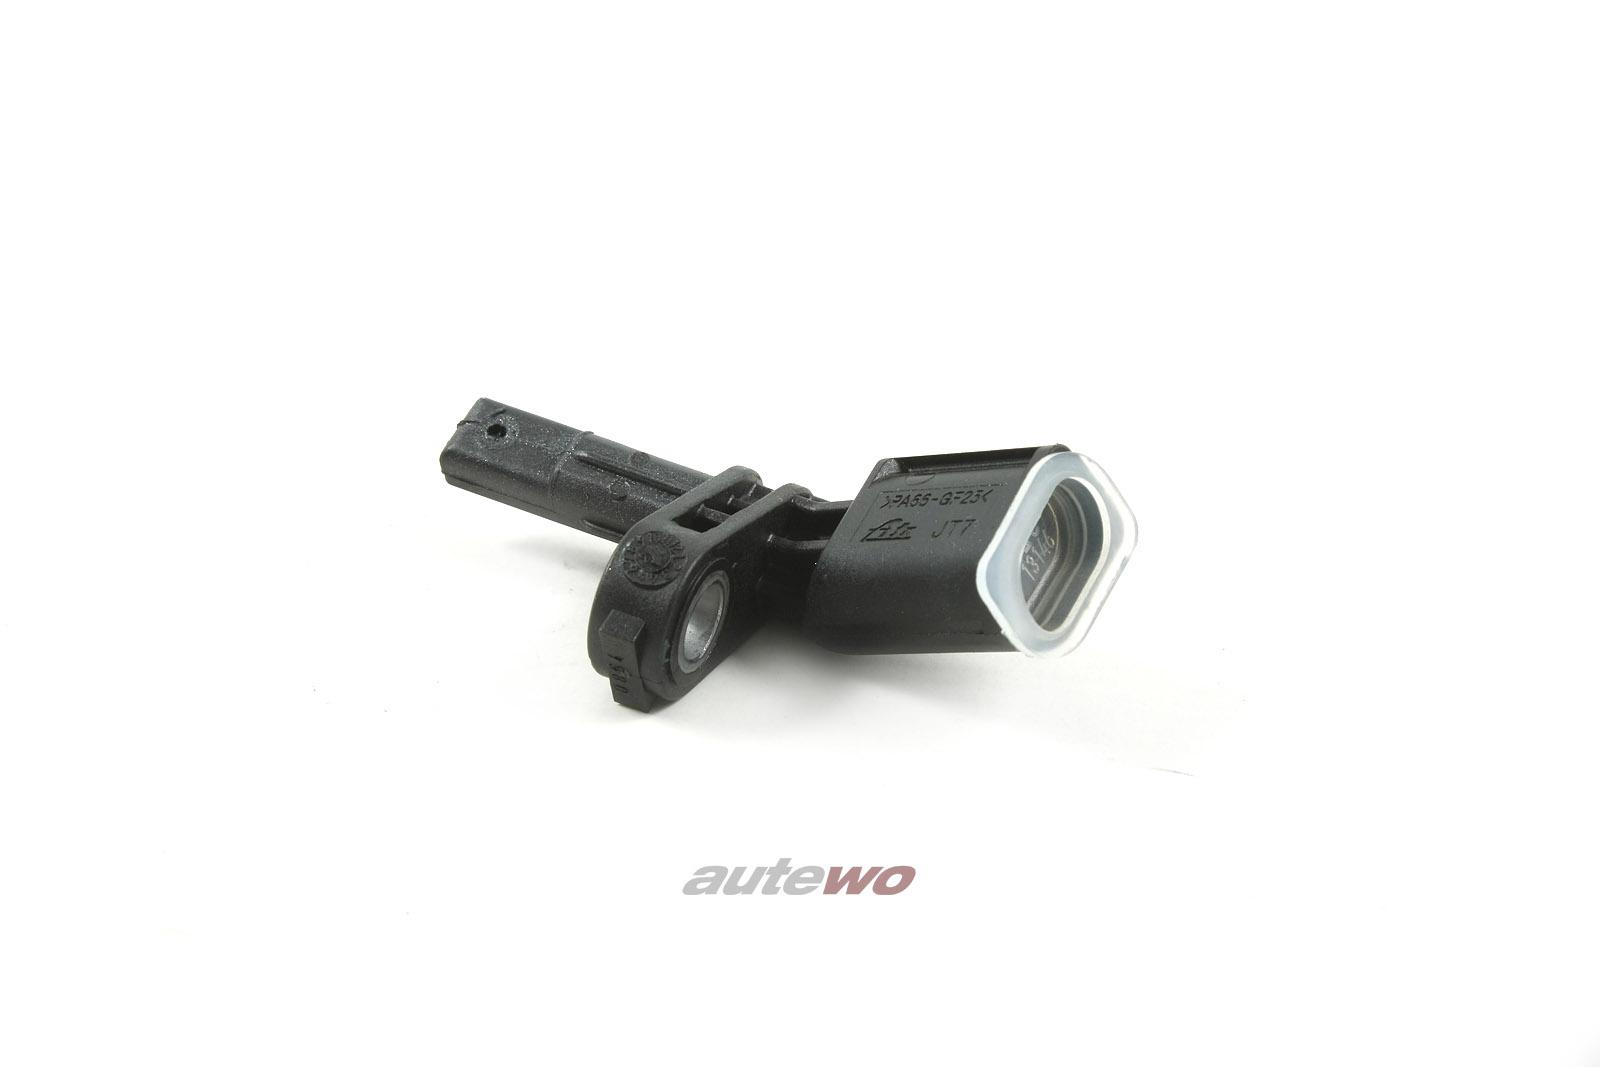 WHT003856 NEU Audi A3/S3/RS3 8P/Q3/TT/TT RS 8J ABS-Sensor Vorne Rechts